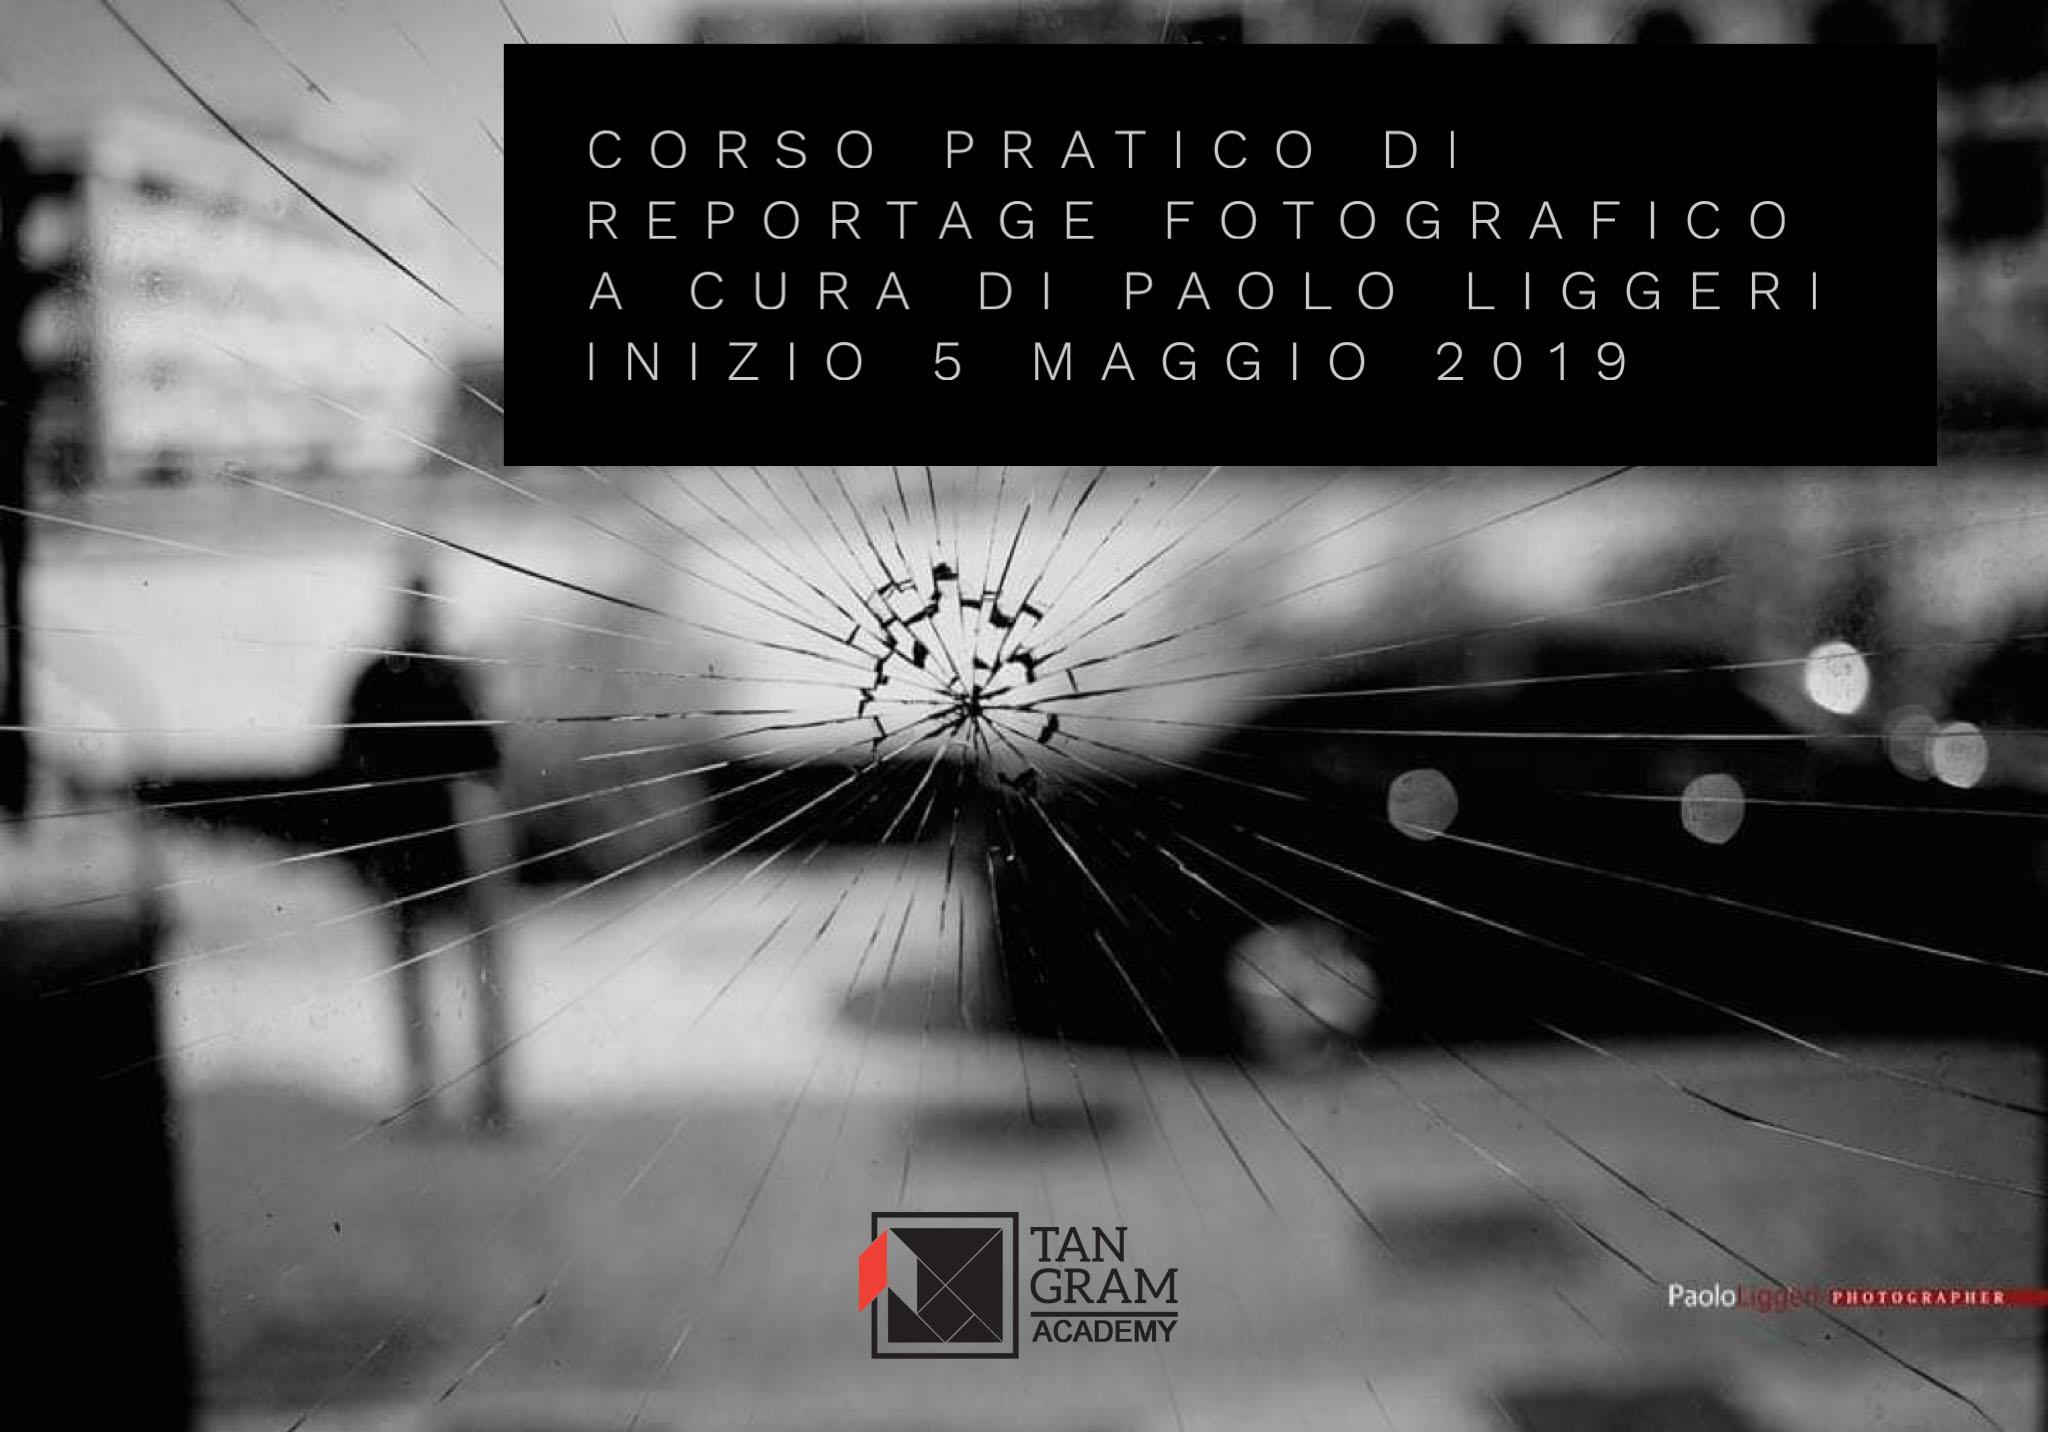 Corso pratico di reportage fotografico con Paolo Liggeri